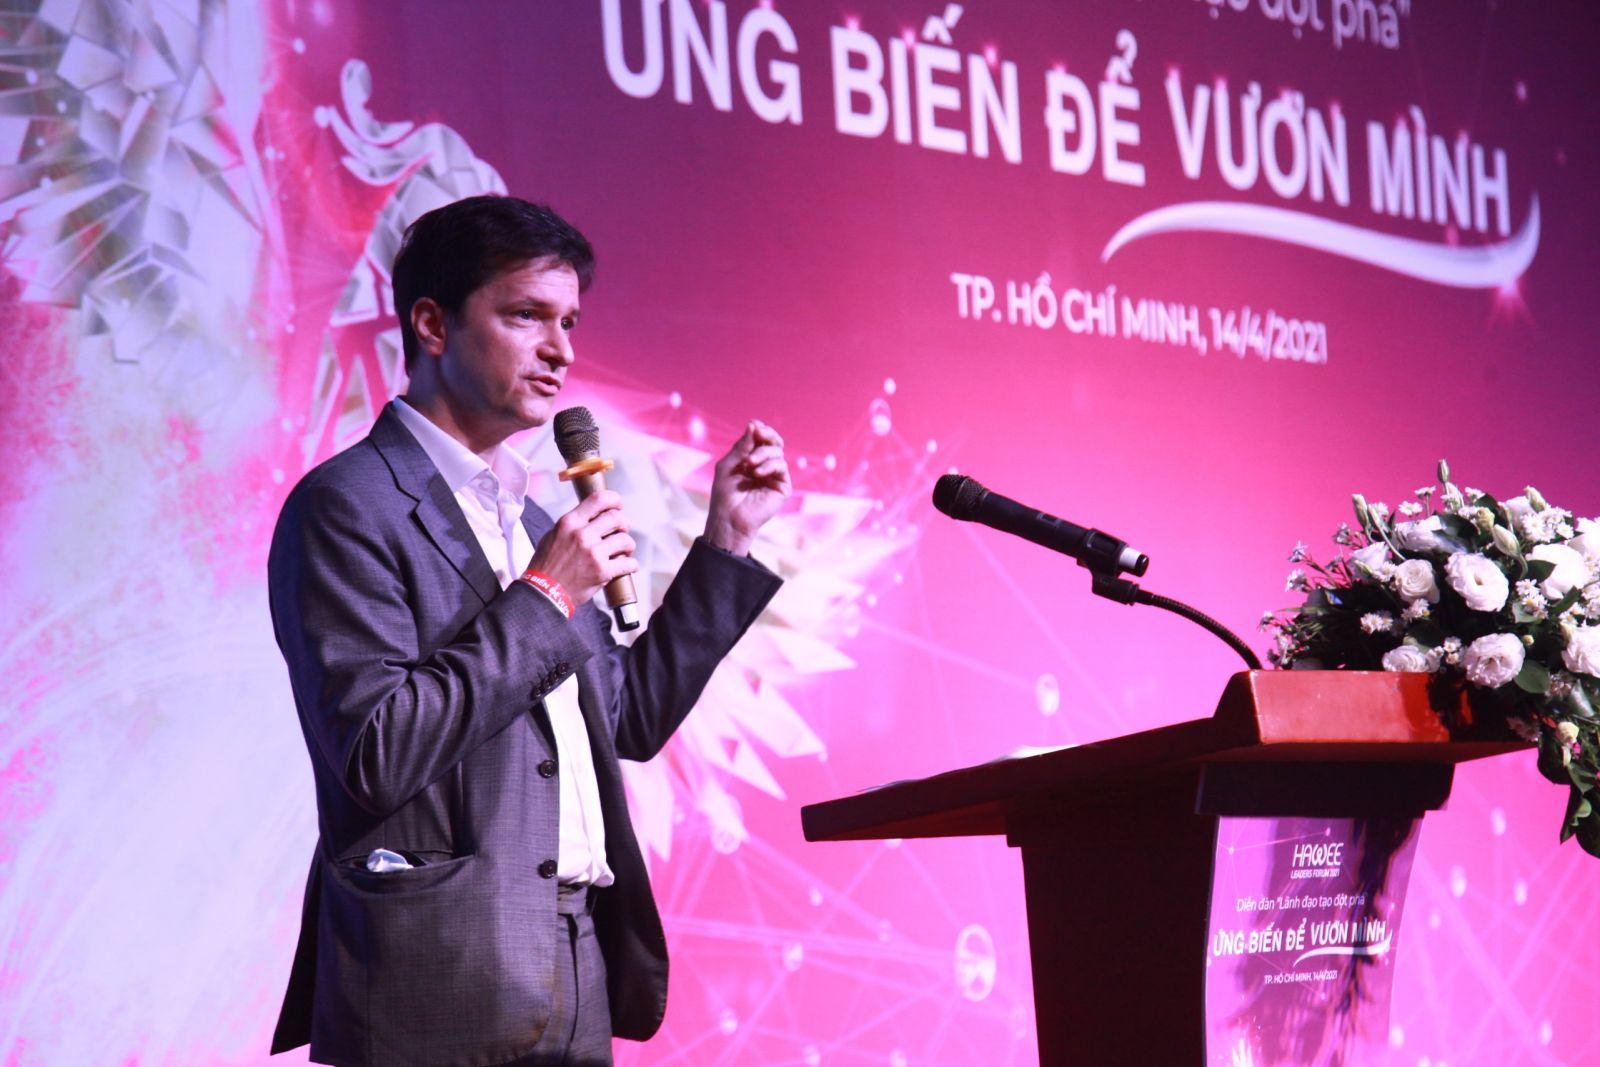 Diễn giả chia sẻ tại diễn đàn